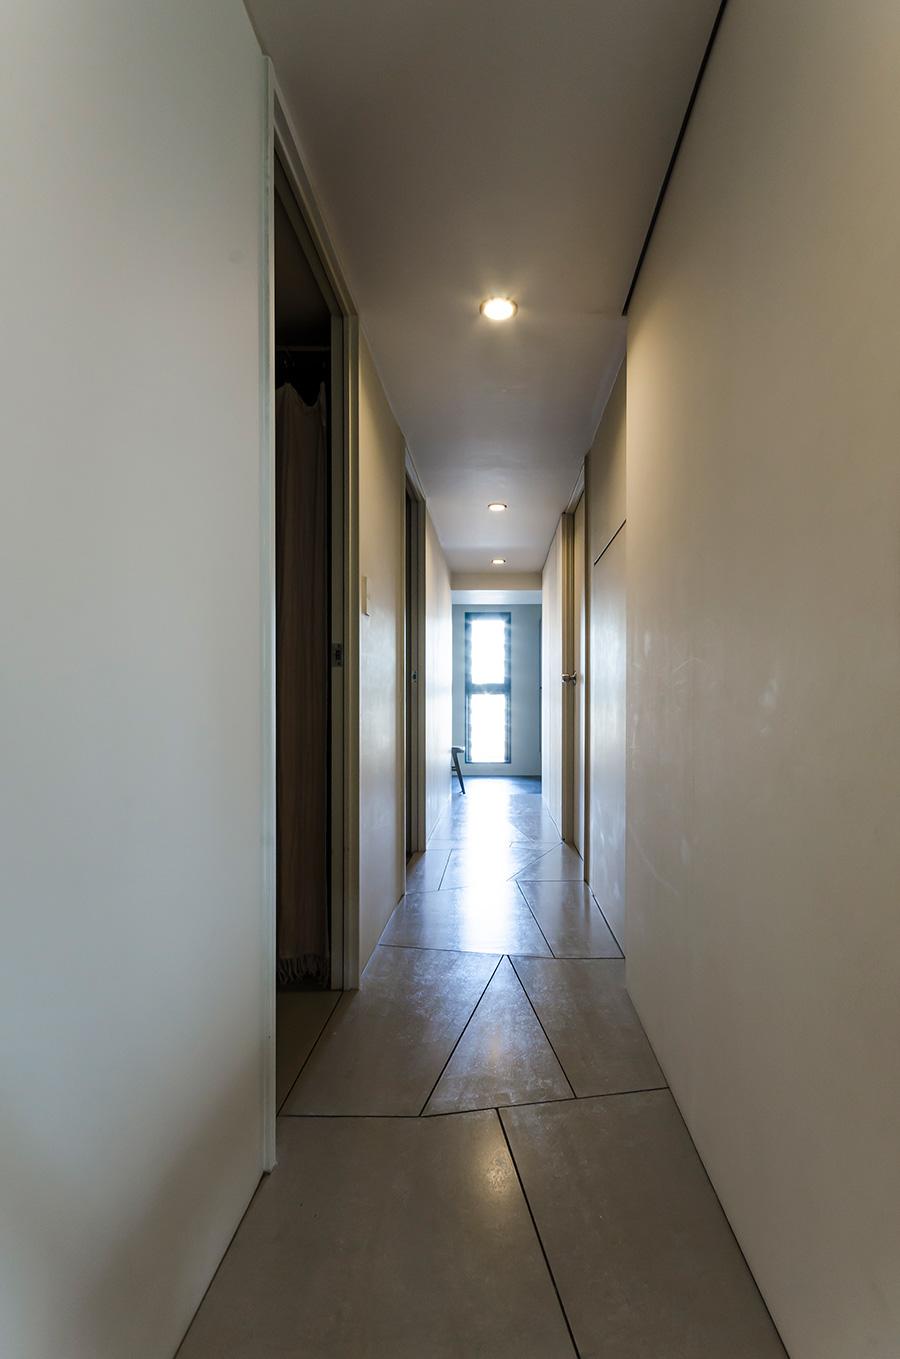 床材のはめ方にもこだわった廊下。壁材として使用されるフレキシブル材を選択した。